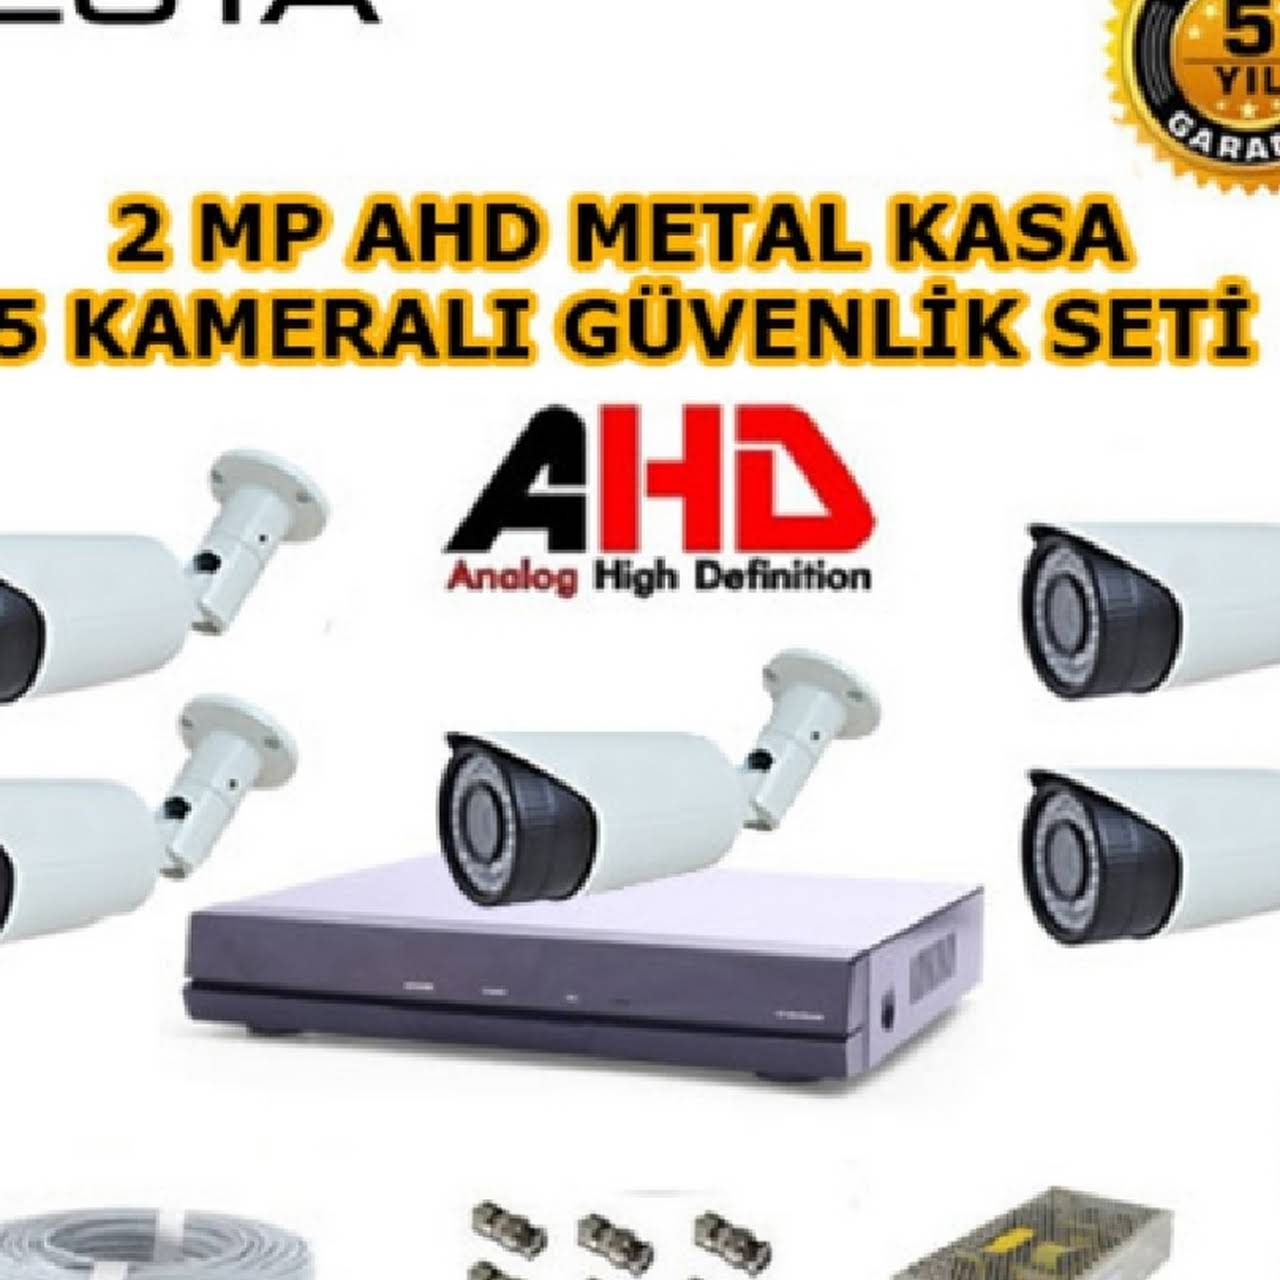 Perpa Güvenlik Kamerası - Güvenlik kamerası kaliteli ve uygun fiyatlı  güvenlik sistemleri